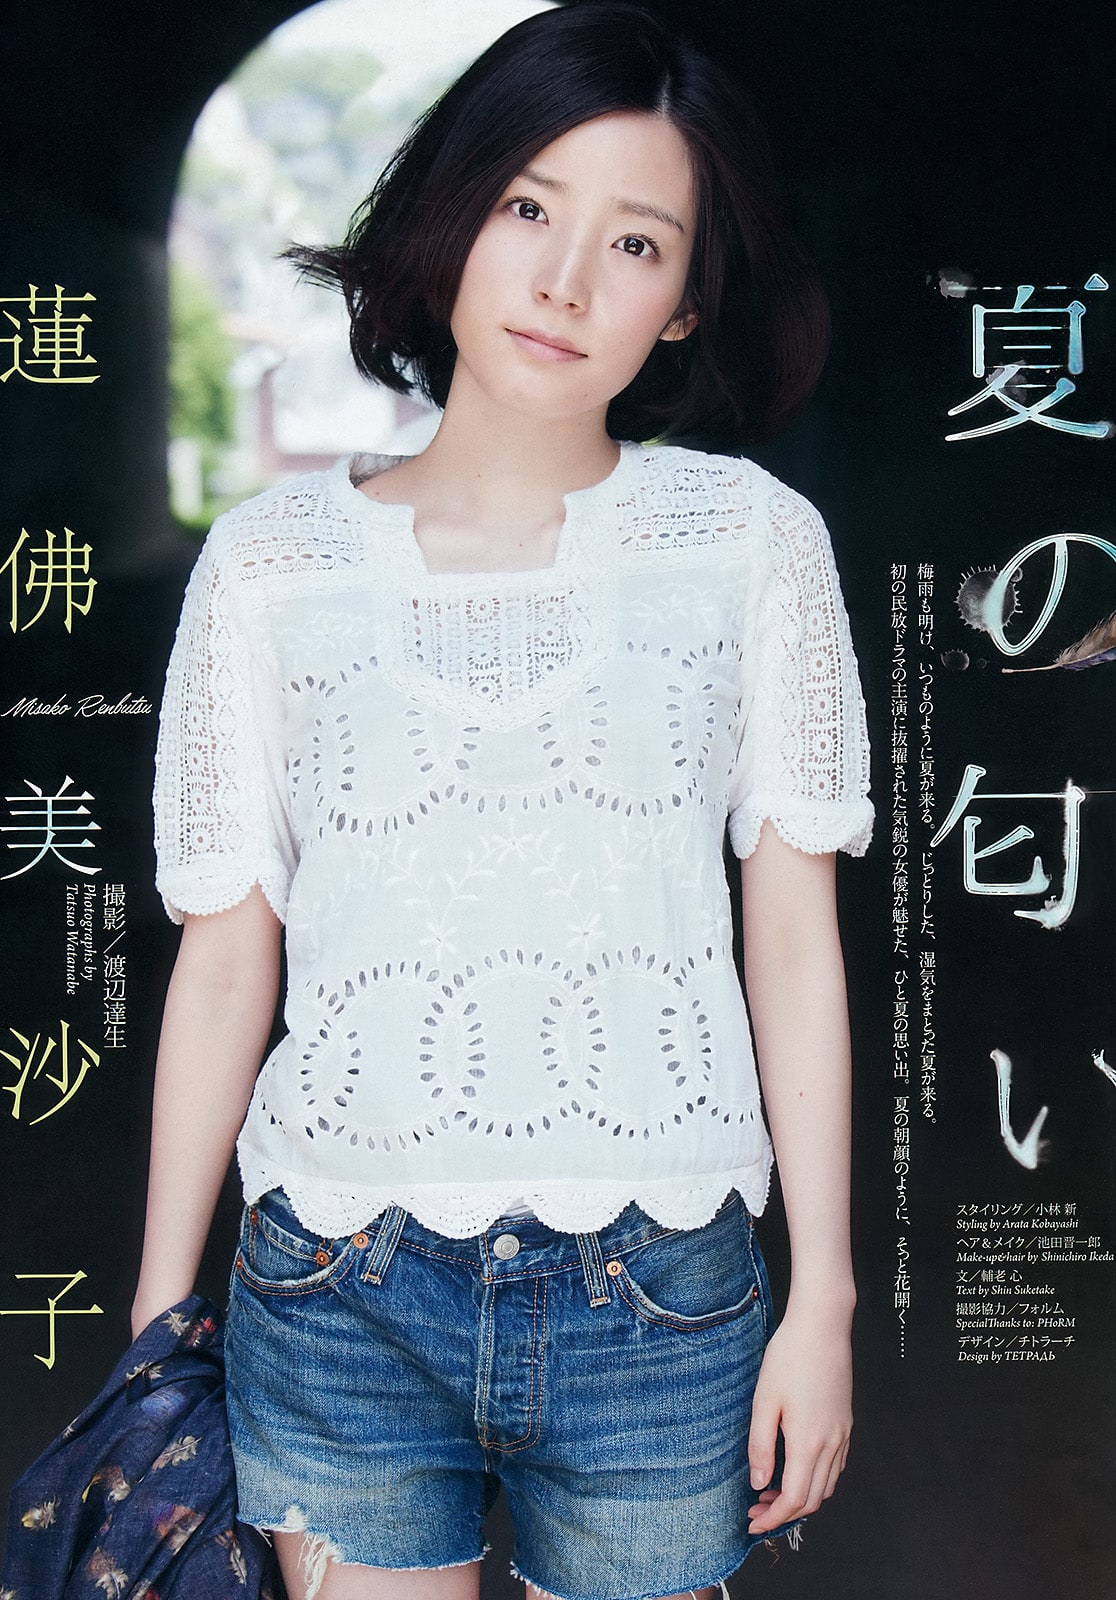 蓮佛美沙子 MISAKO RENBUTSU | 蓮佛美沙子, 白鶴, 女優 |Misako Renbutsu Q10